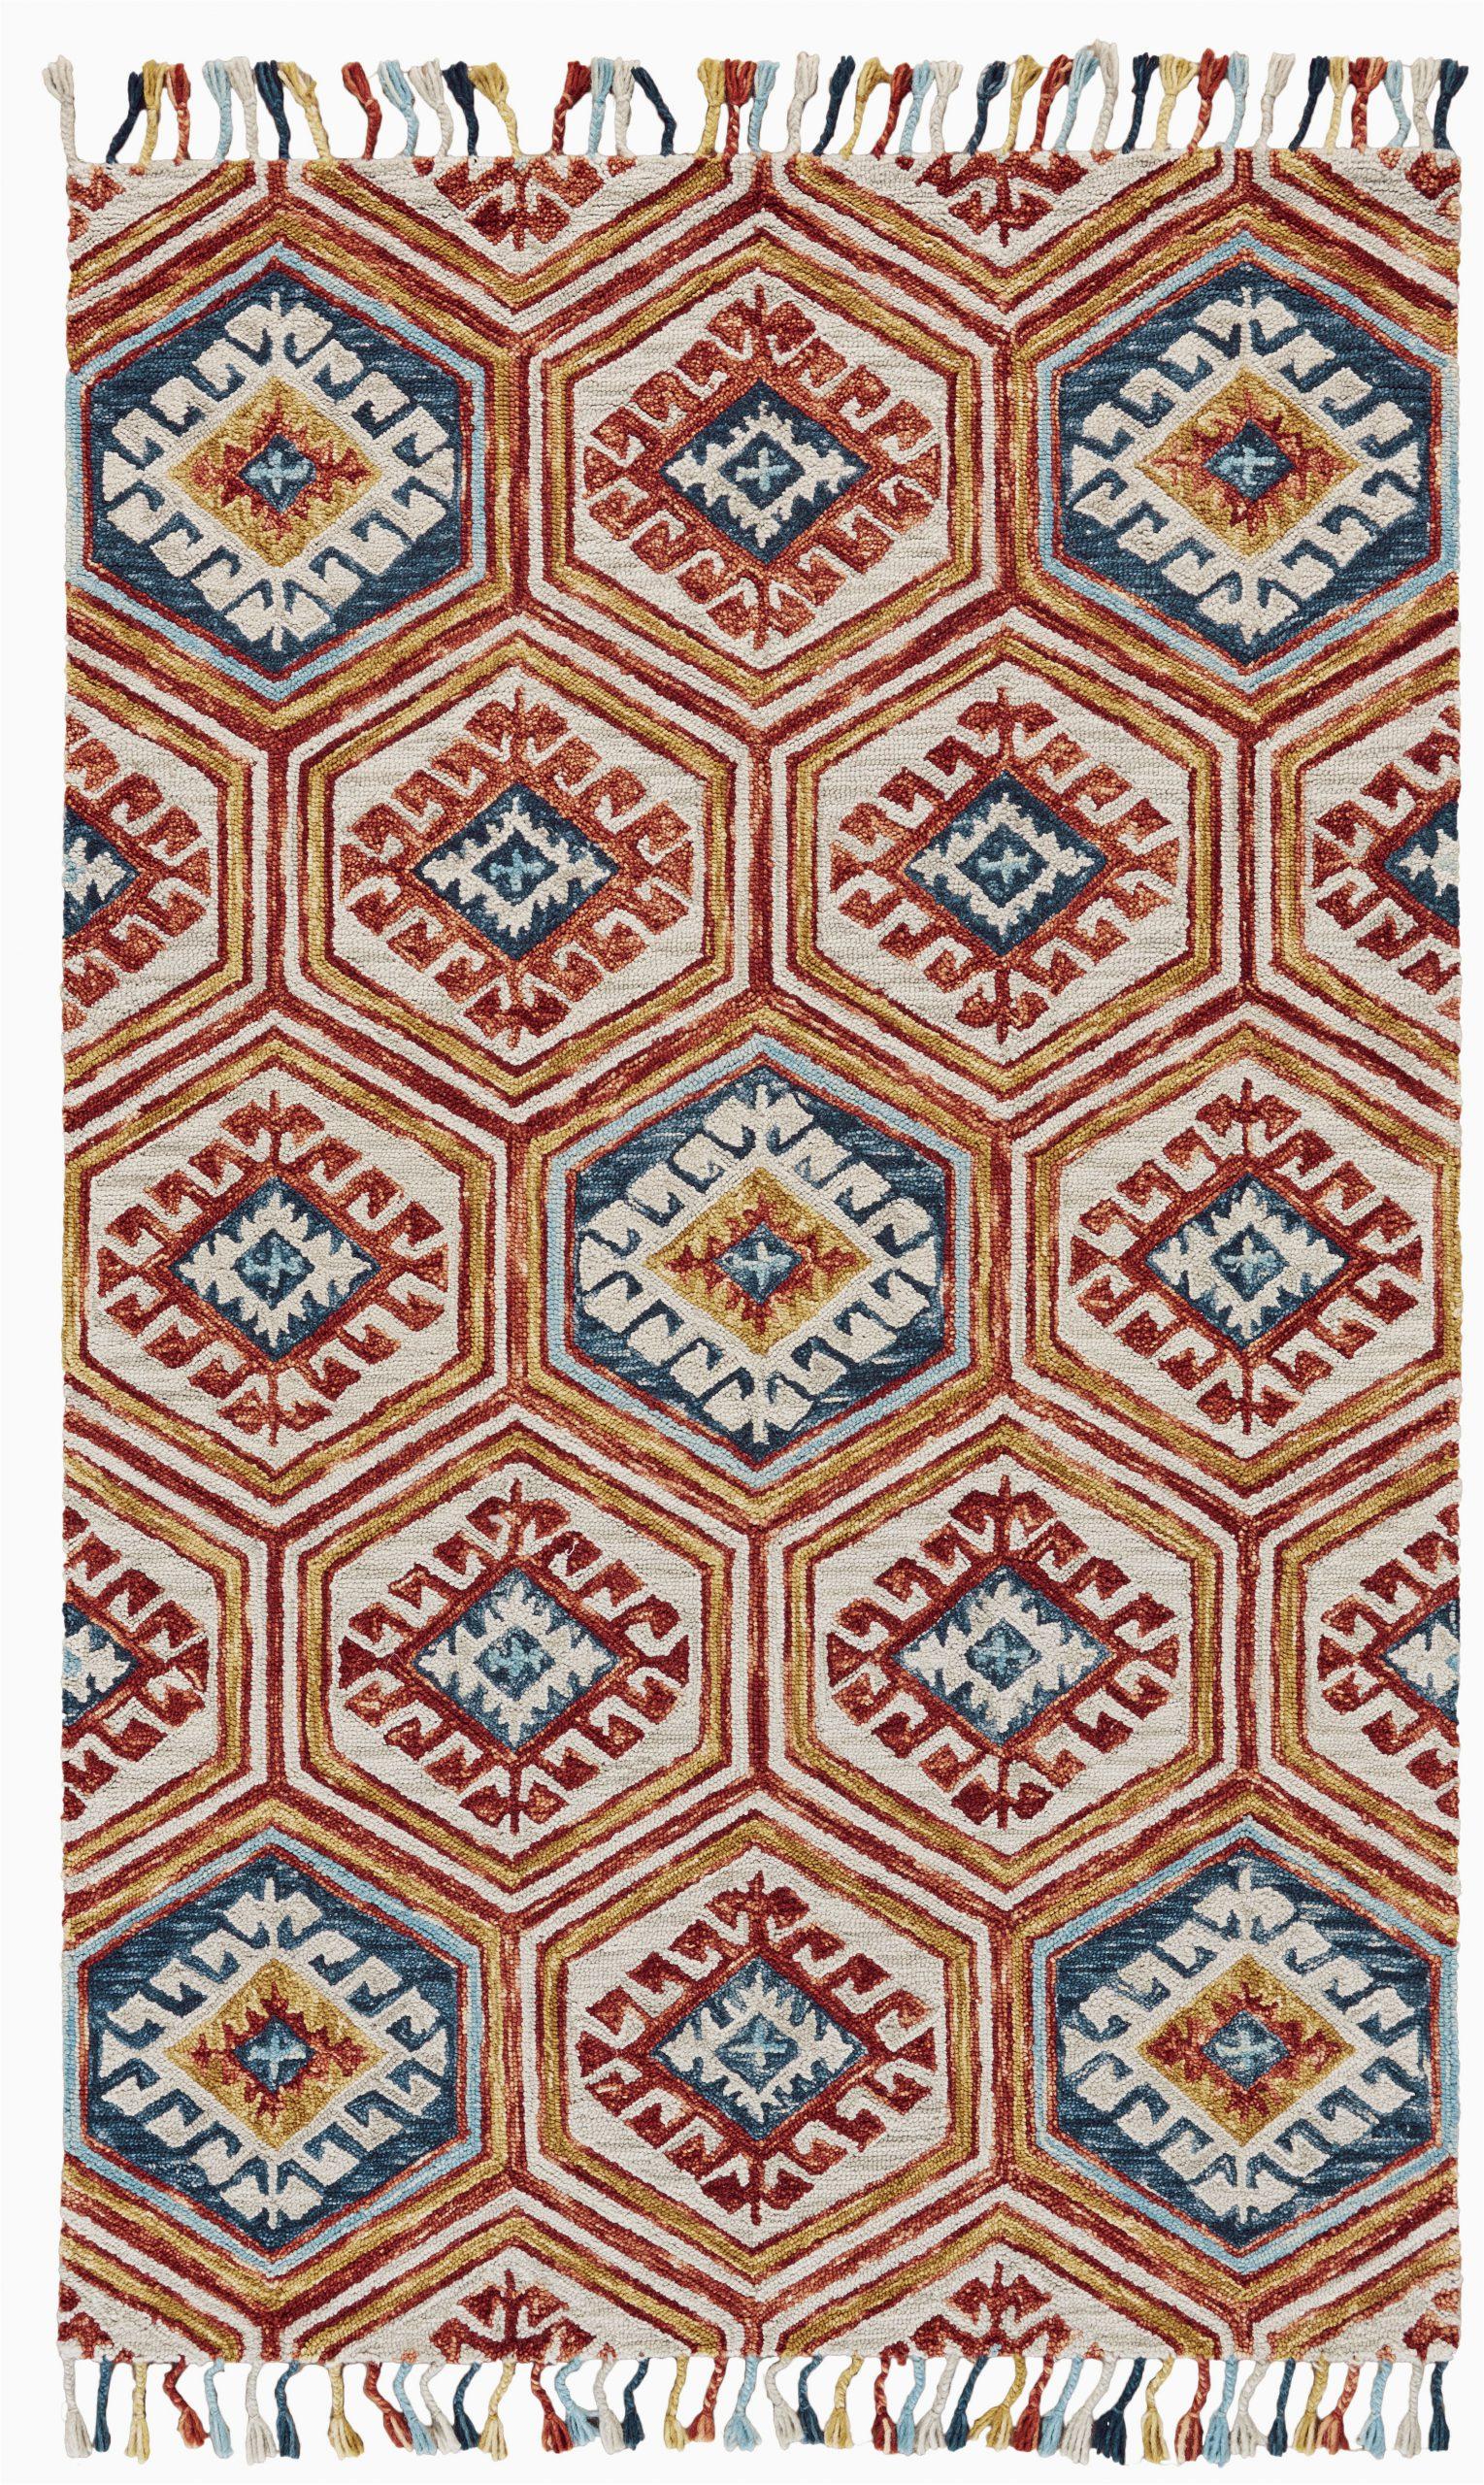 florence geometric handmade tufted wool orangeblue area rug